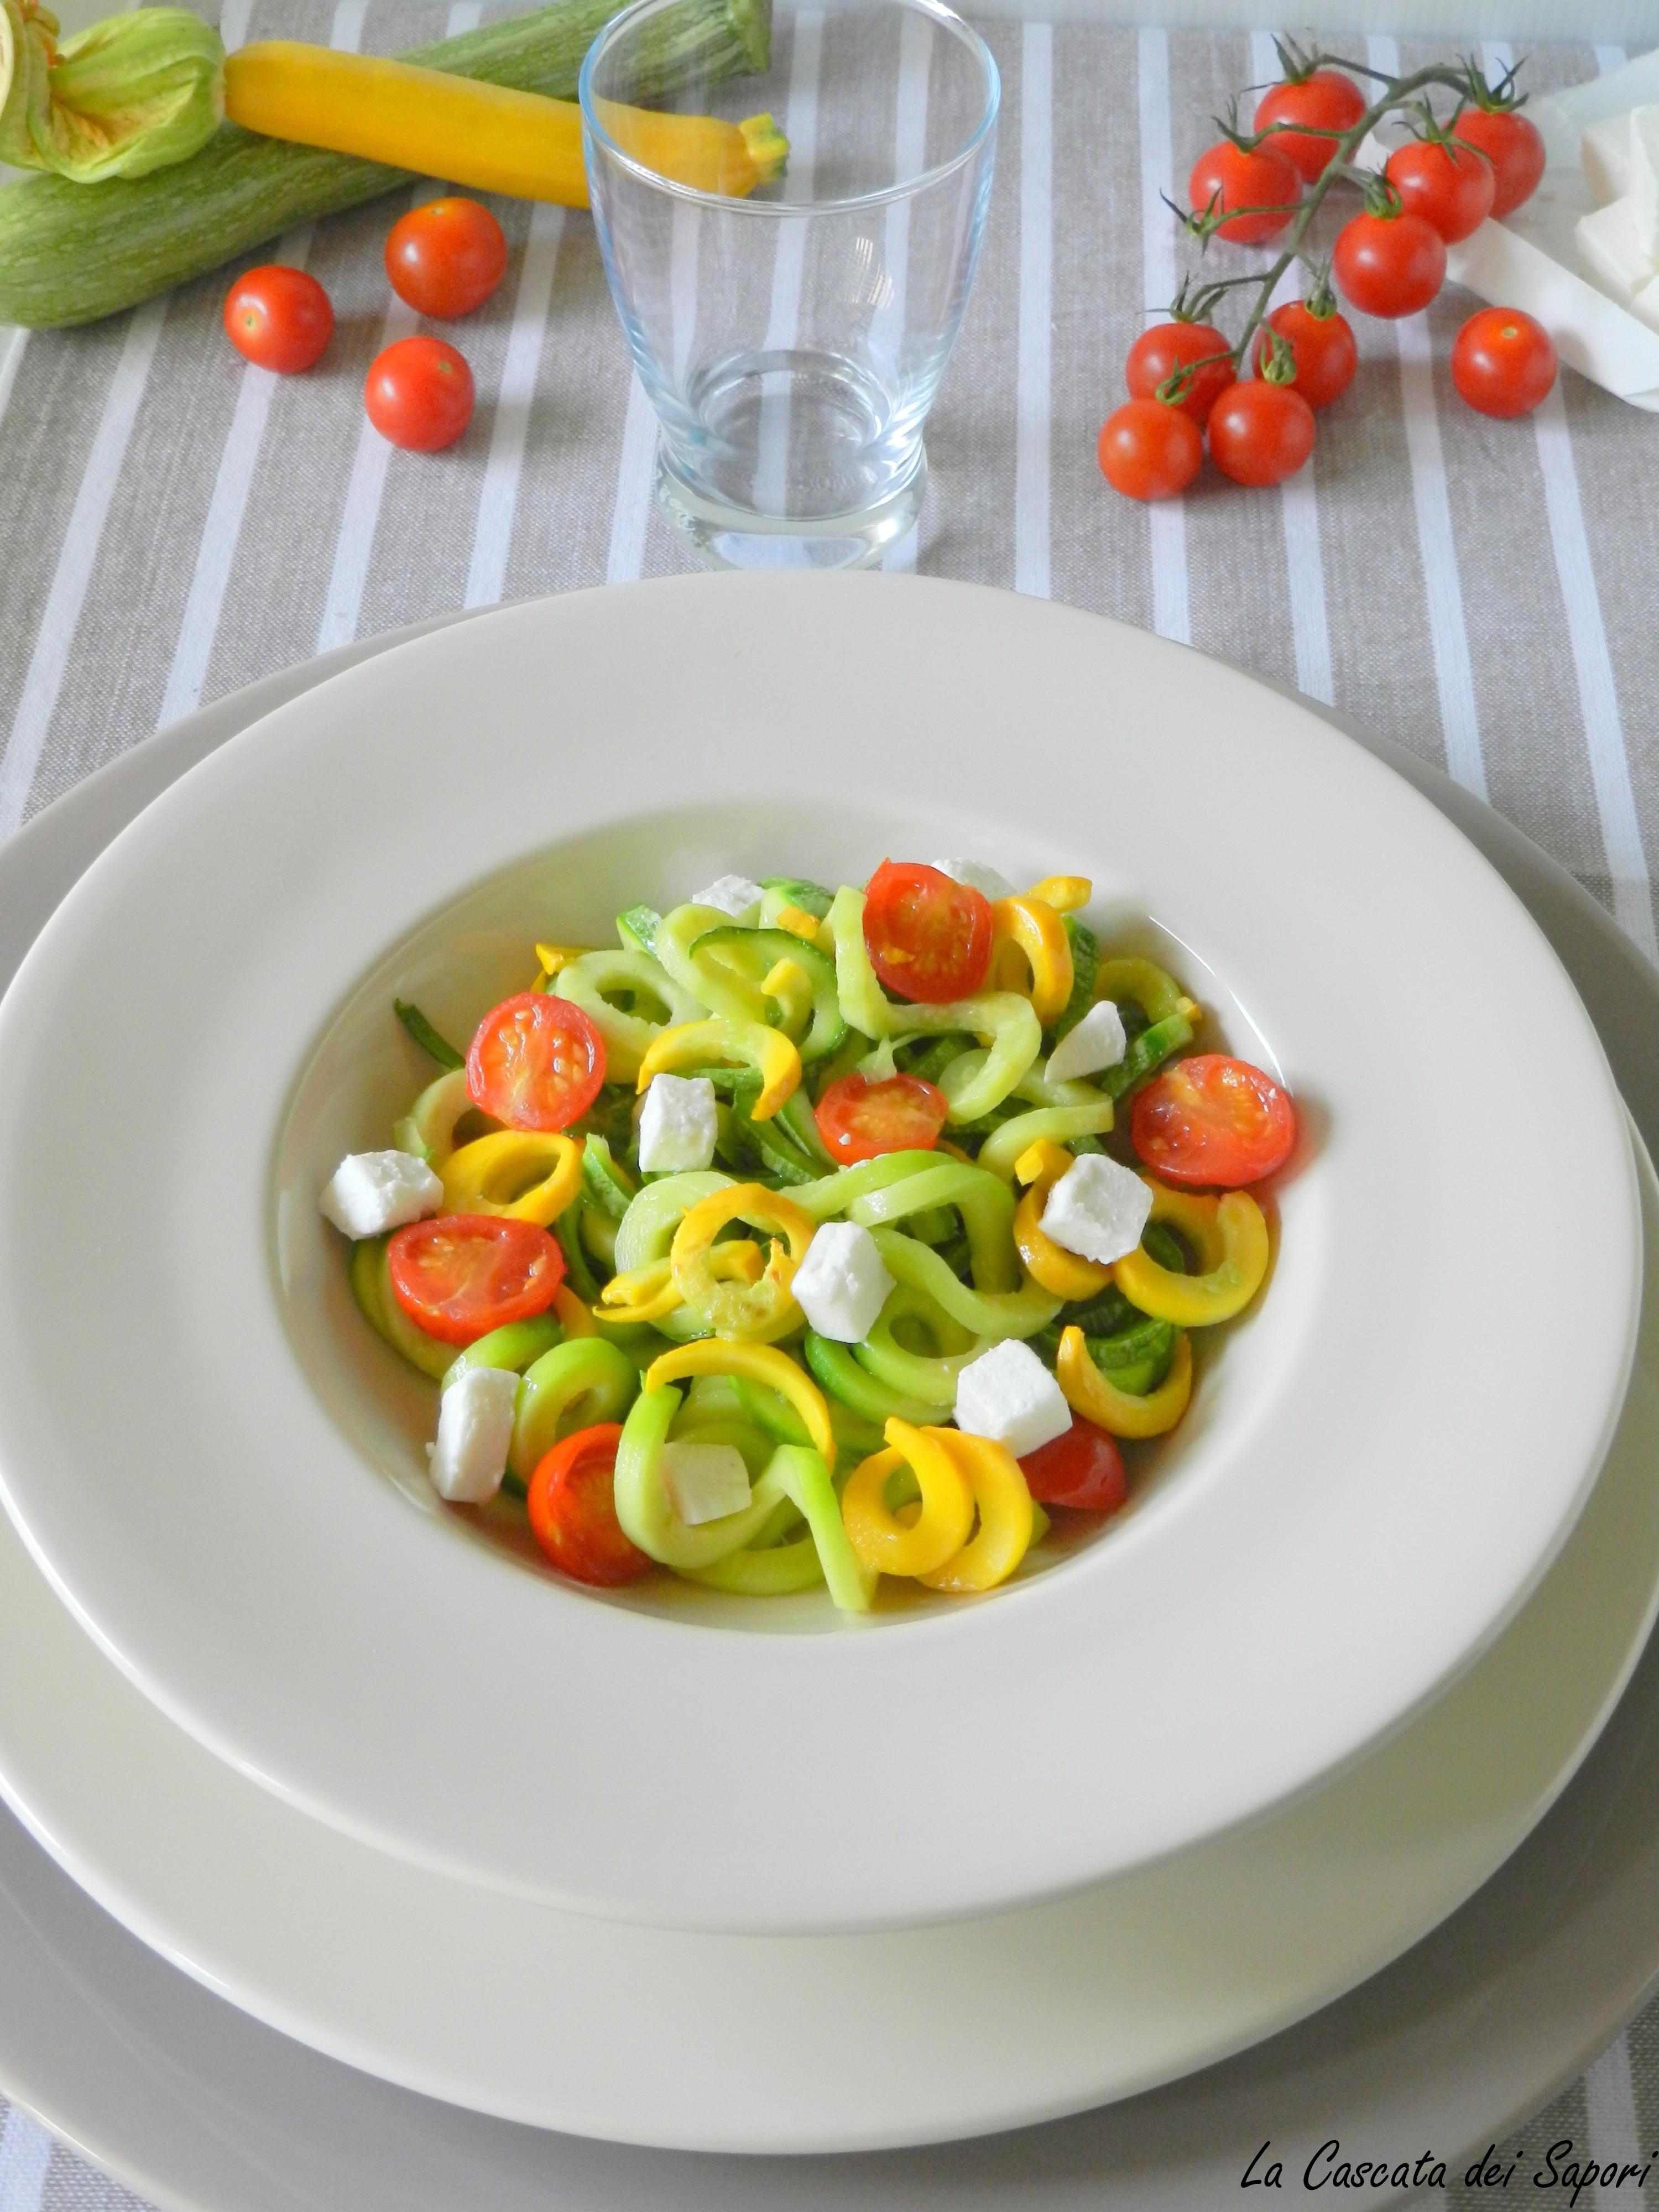 Spaghetti di zucchine con pomodorini e caprino fresco